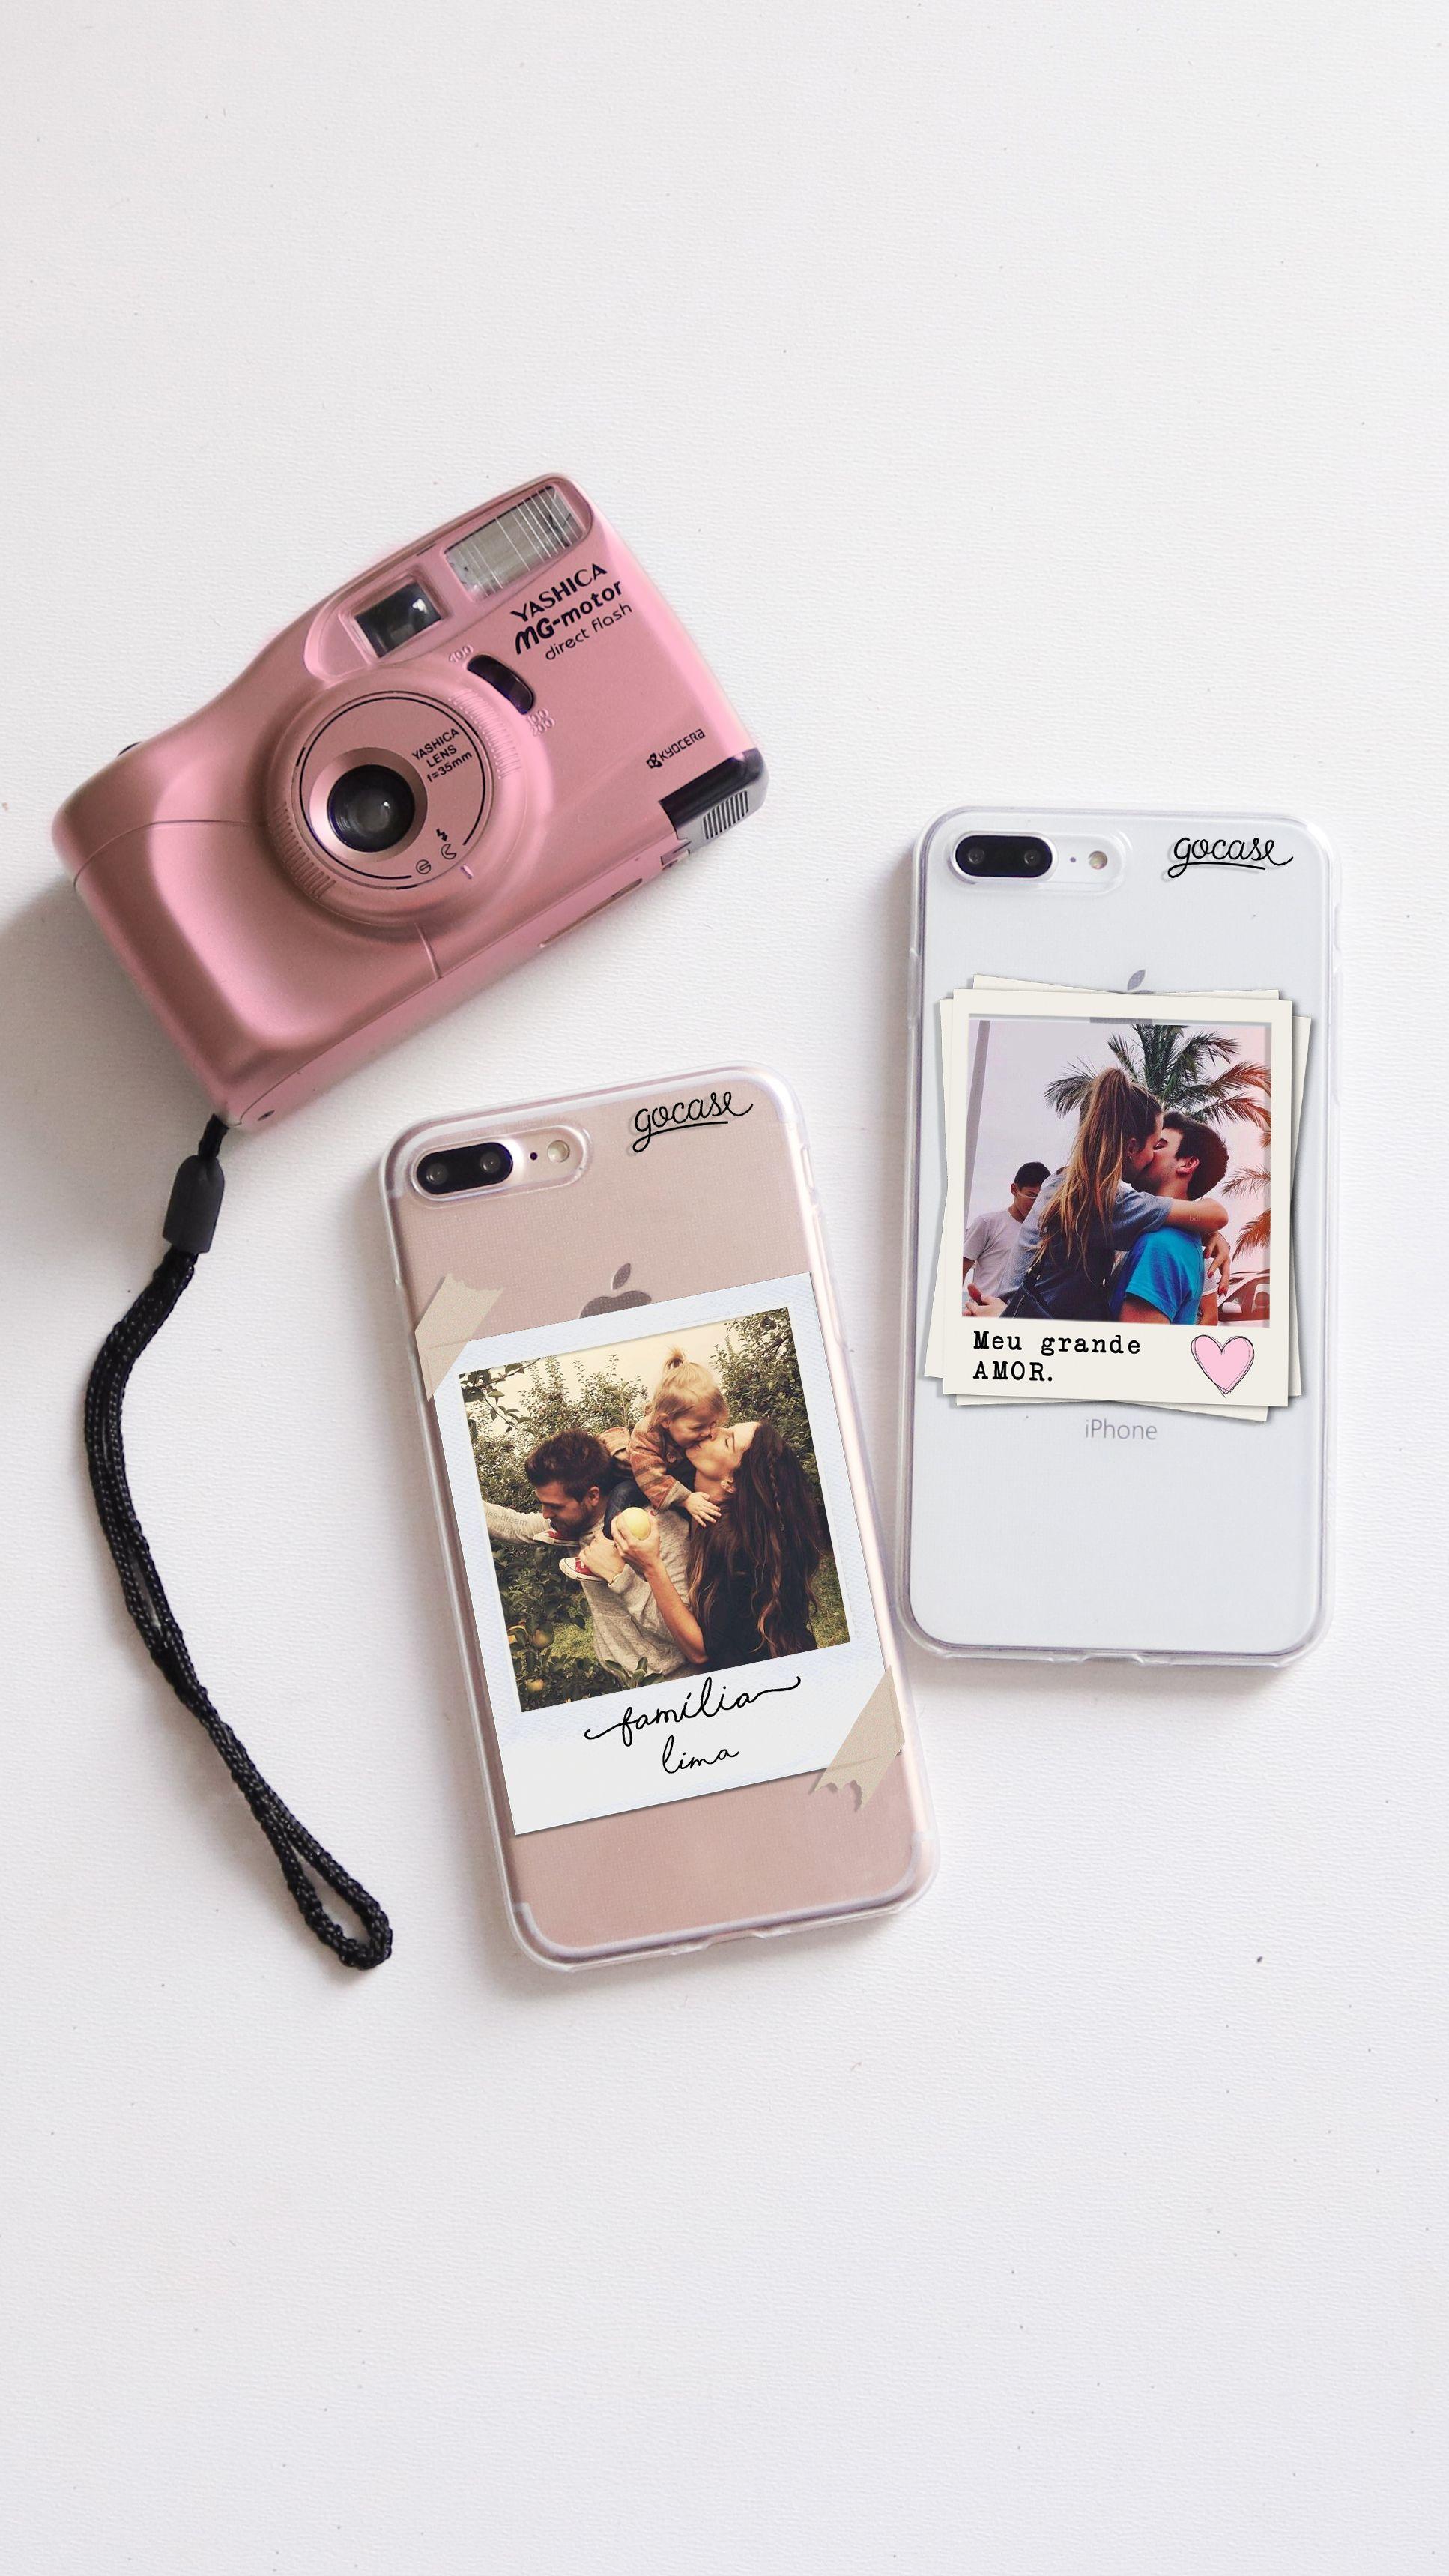 Capinhas para celular Picture - Família e Picture - Meu Grande Amor com câmera fotográfica rosa retrô.